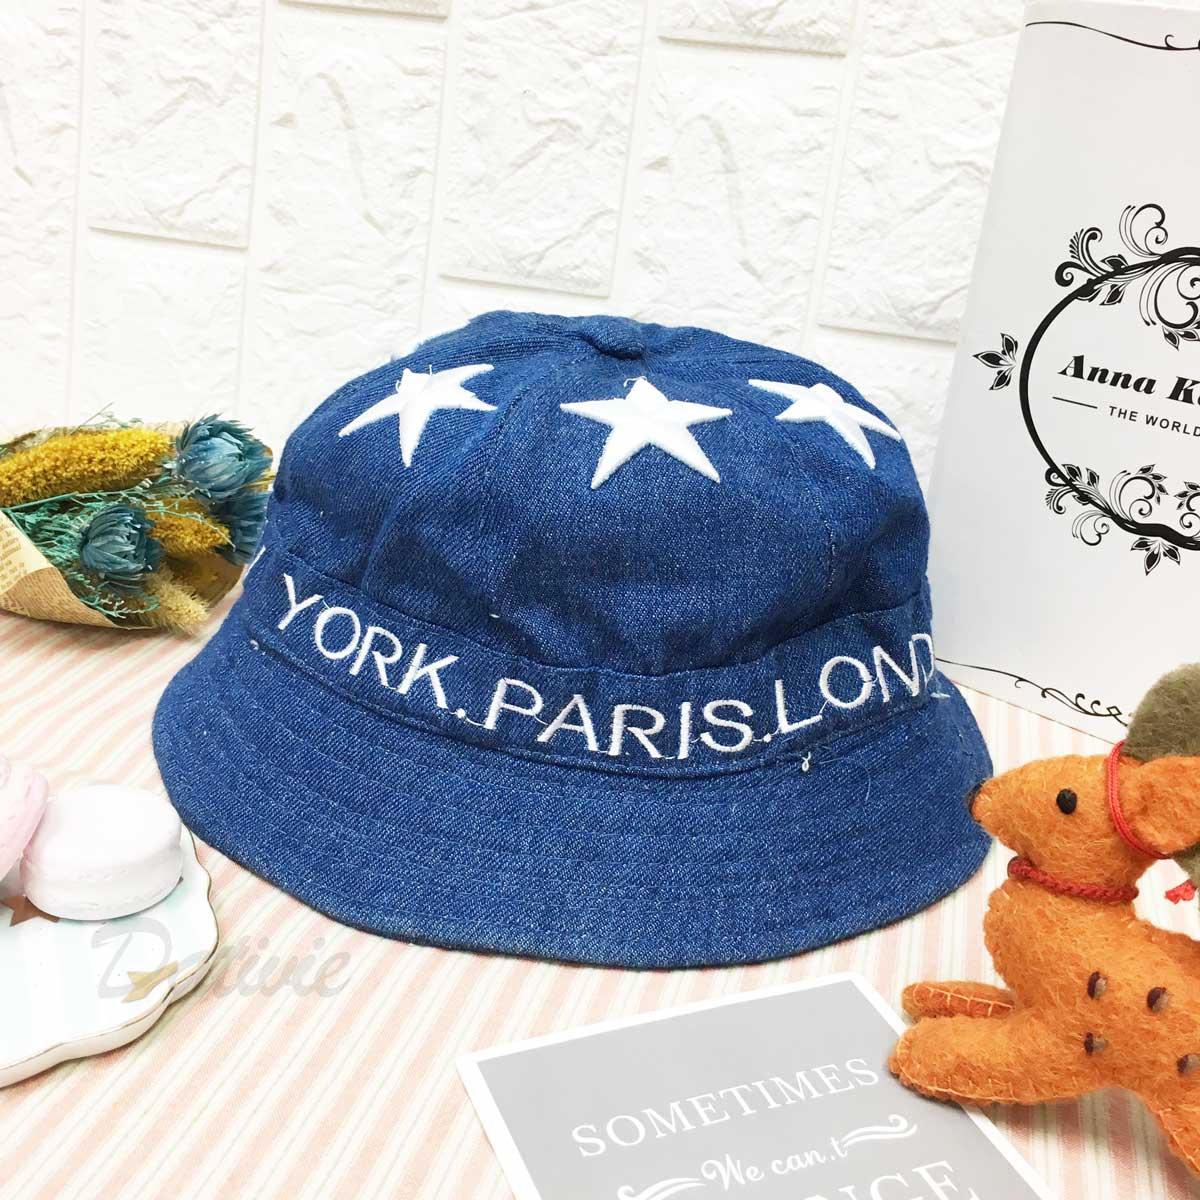 環繞 星星 英文字 紐約 巴黎 倫敦 日本 1979 米蘭 深藍色 帽子 淑女帽